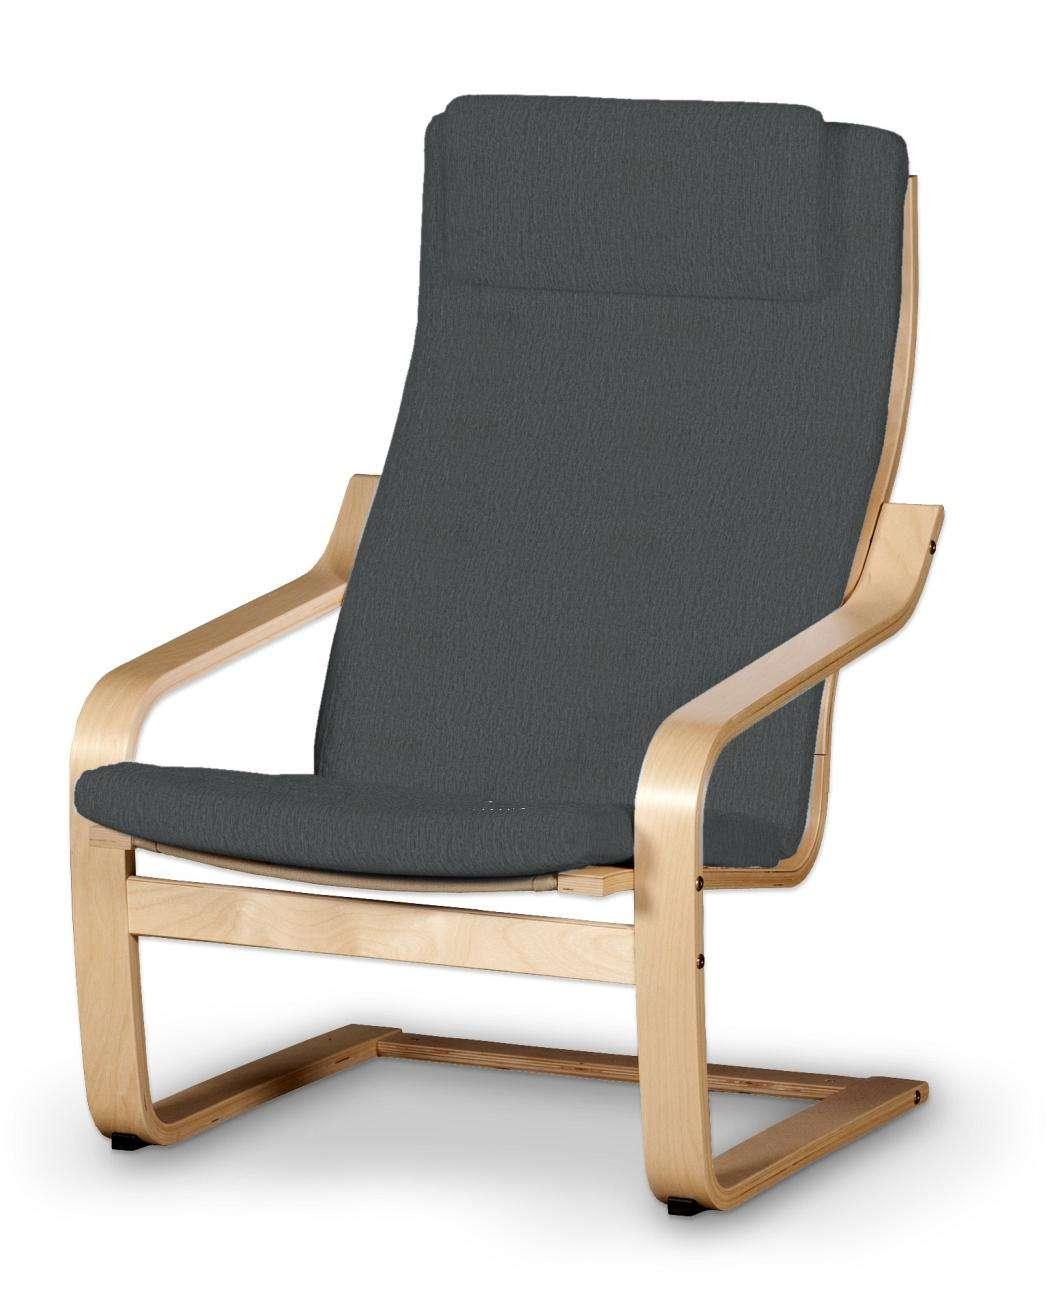 Poäng II  fotelio užvalkalas (su nuimama pagalvėle) Poäng II fotelis su nuimama pagalvėle kolekcijoje Chenille, audinys: 702-20